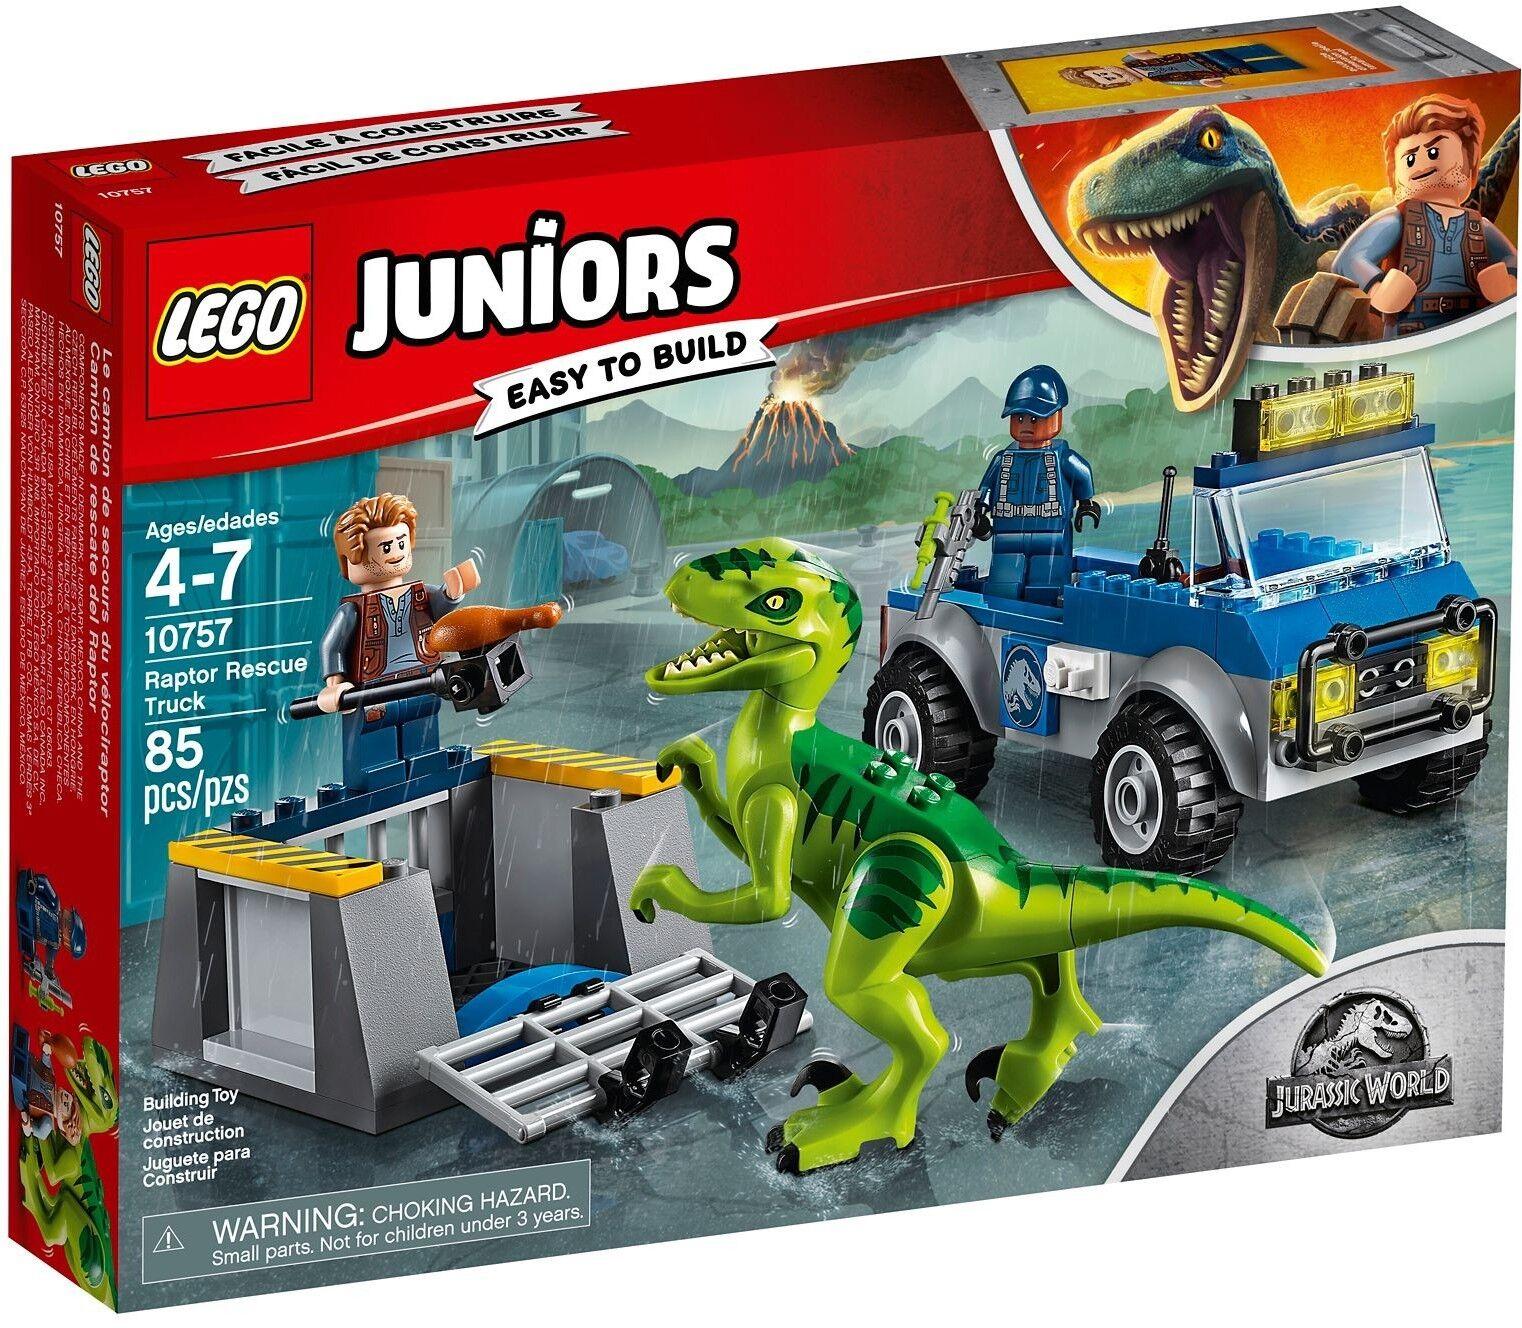 Lego Juniors - - - 10757 avons sauvetage Transporteur Raptor RESCUE camion Nouveau neuf dans sa boîte 0f6b84